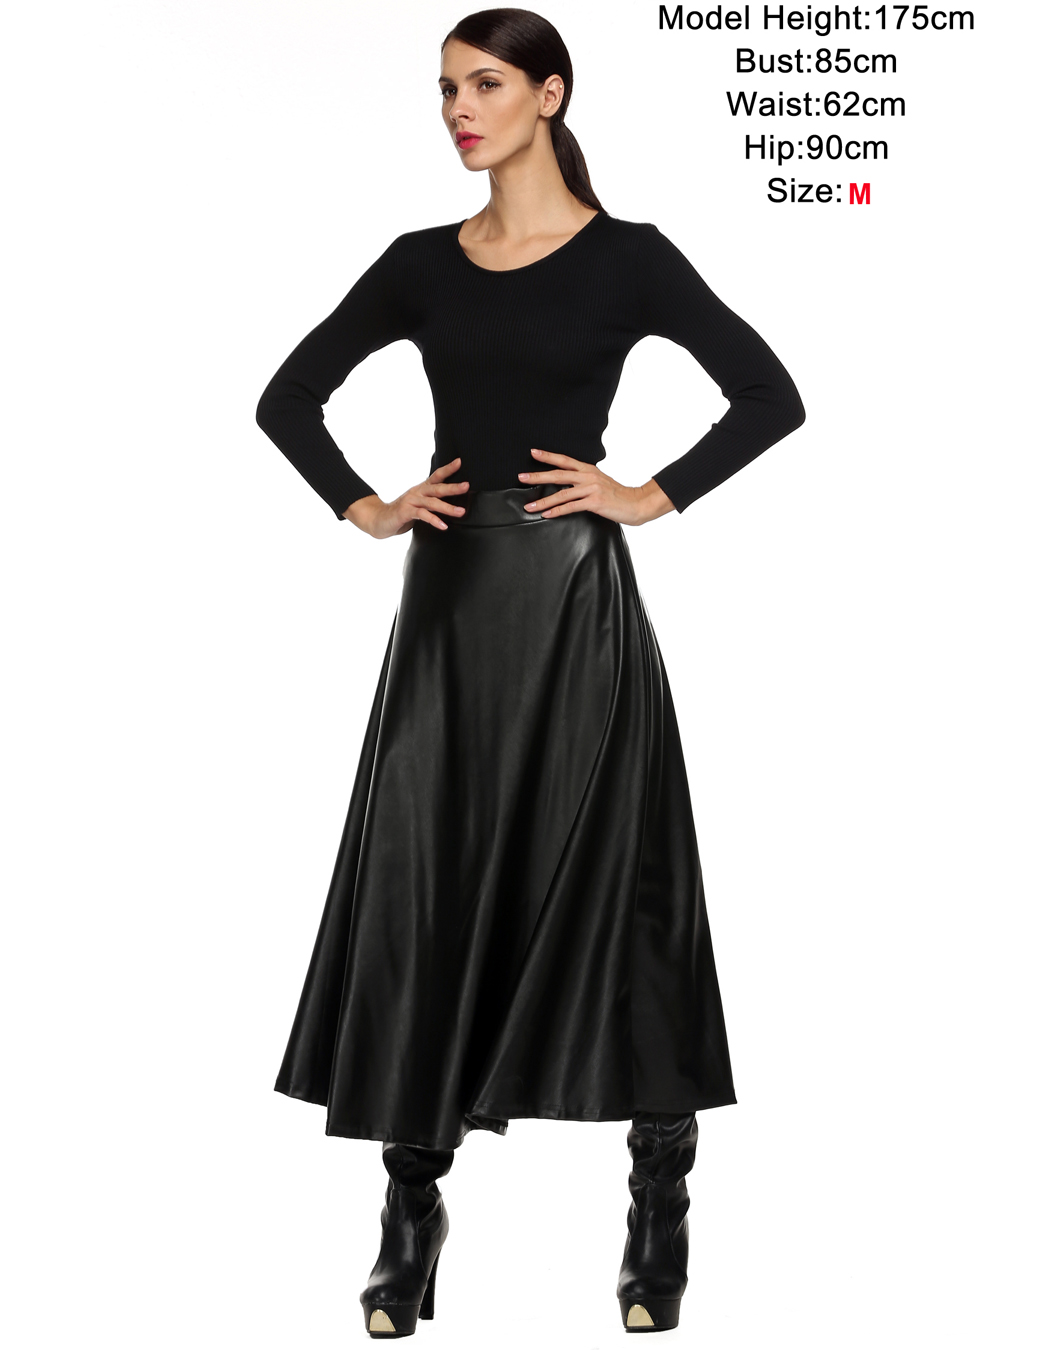 9a92205f3 € 20.14 |Invierno PU falda de cuero para mujer saia faldas Maxi faldas  largas mujeres alta cintura delgada otoño Vintage Falda plisada negro XL  XXL ...